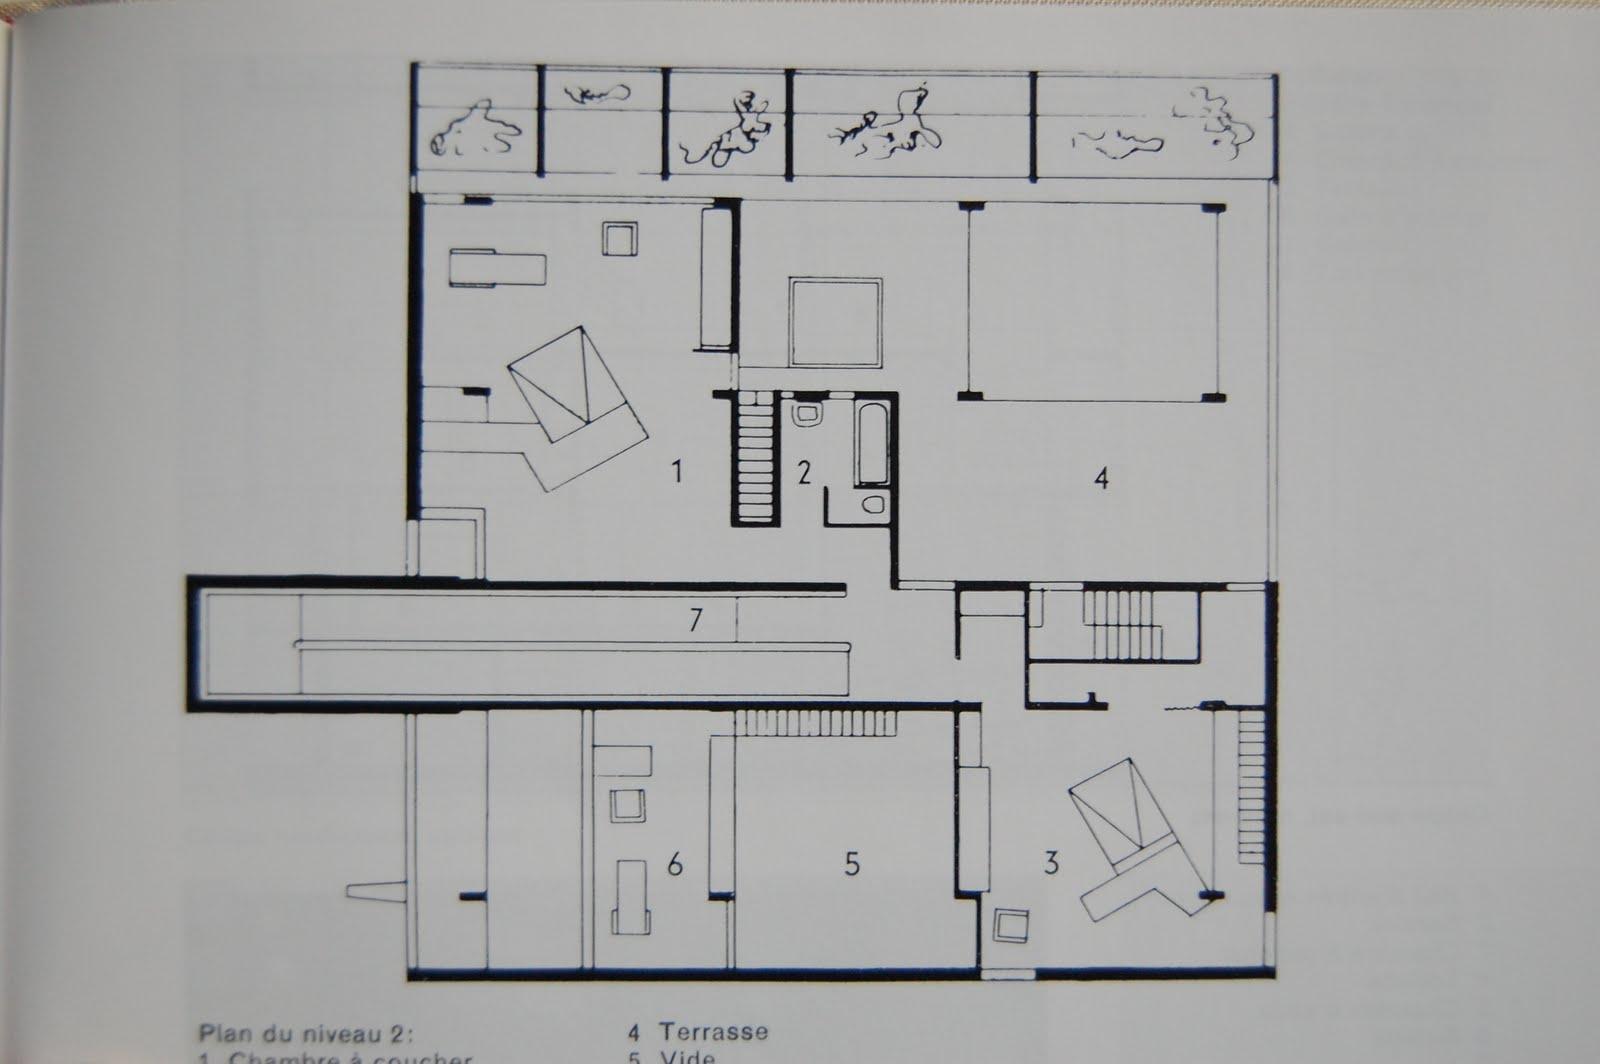 Arquitectura 1 agg villa shodan le corbusier 1952 56 - Agg arquitectura ...